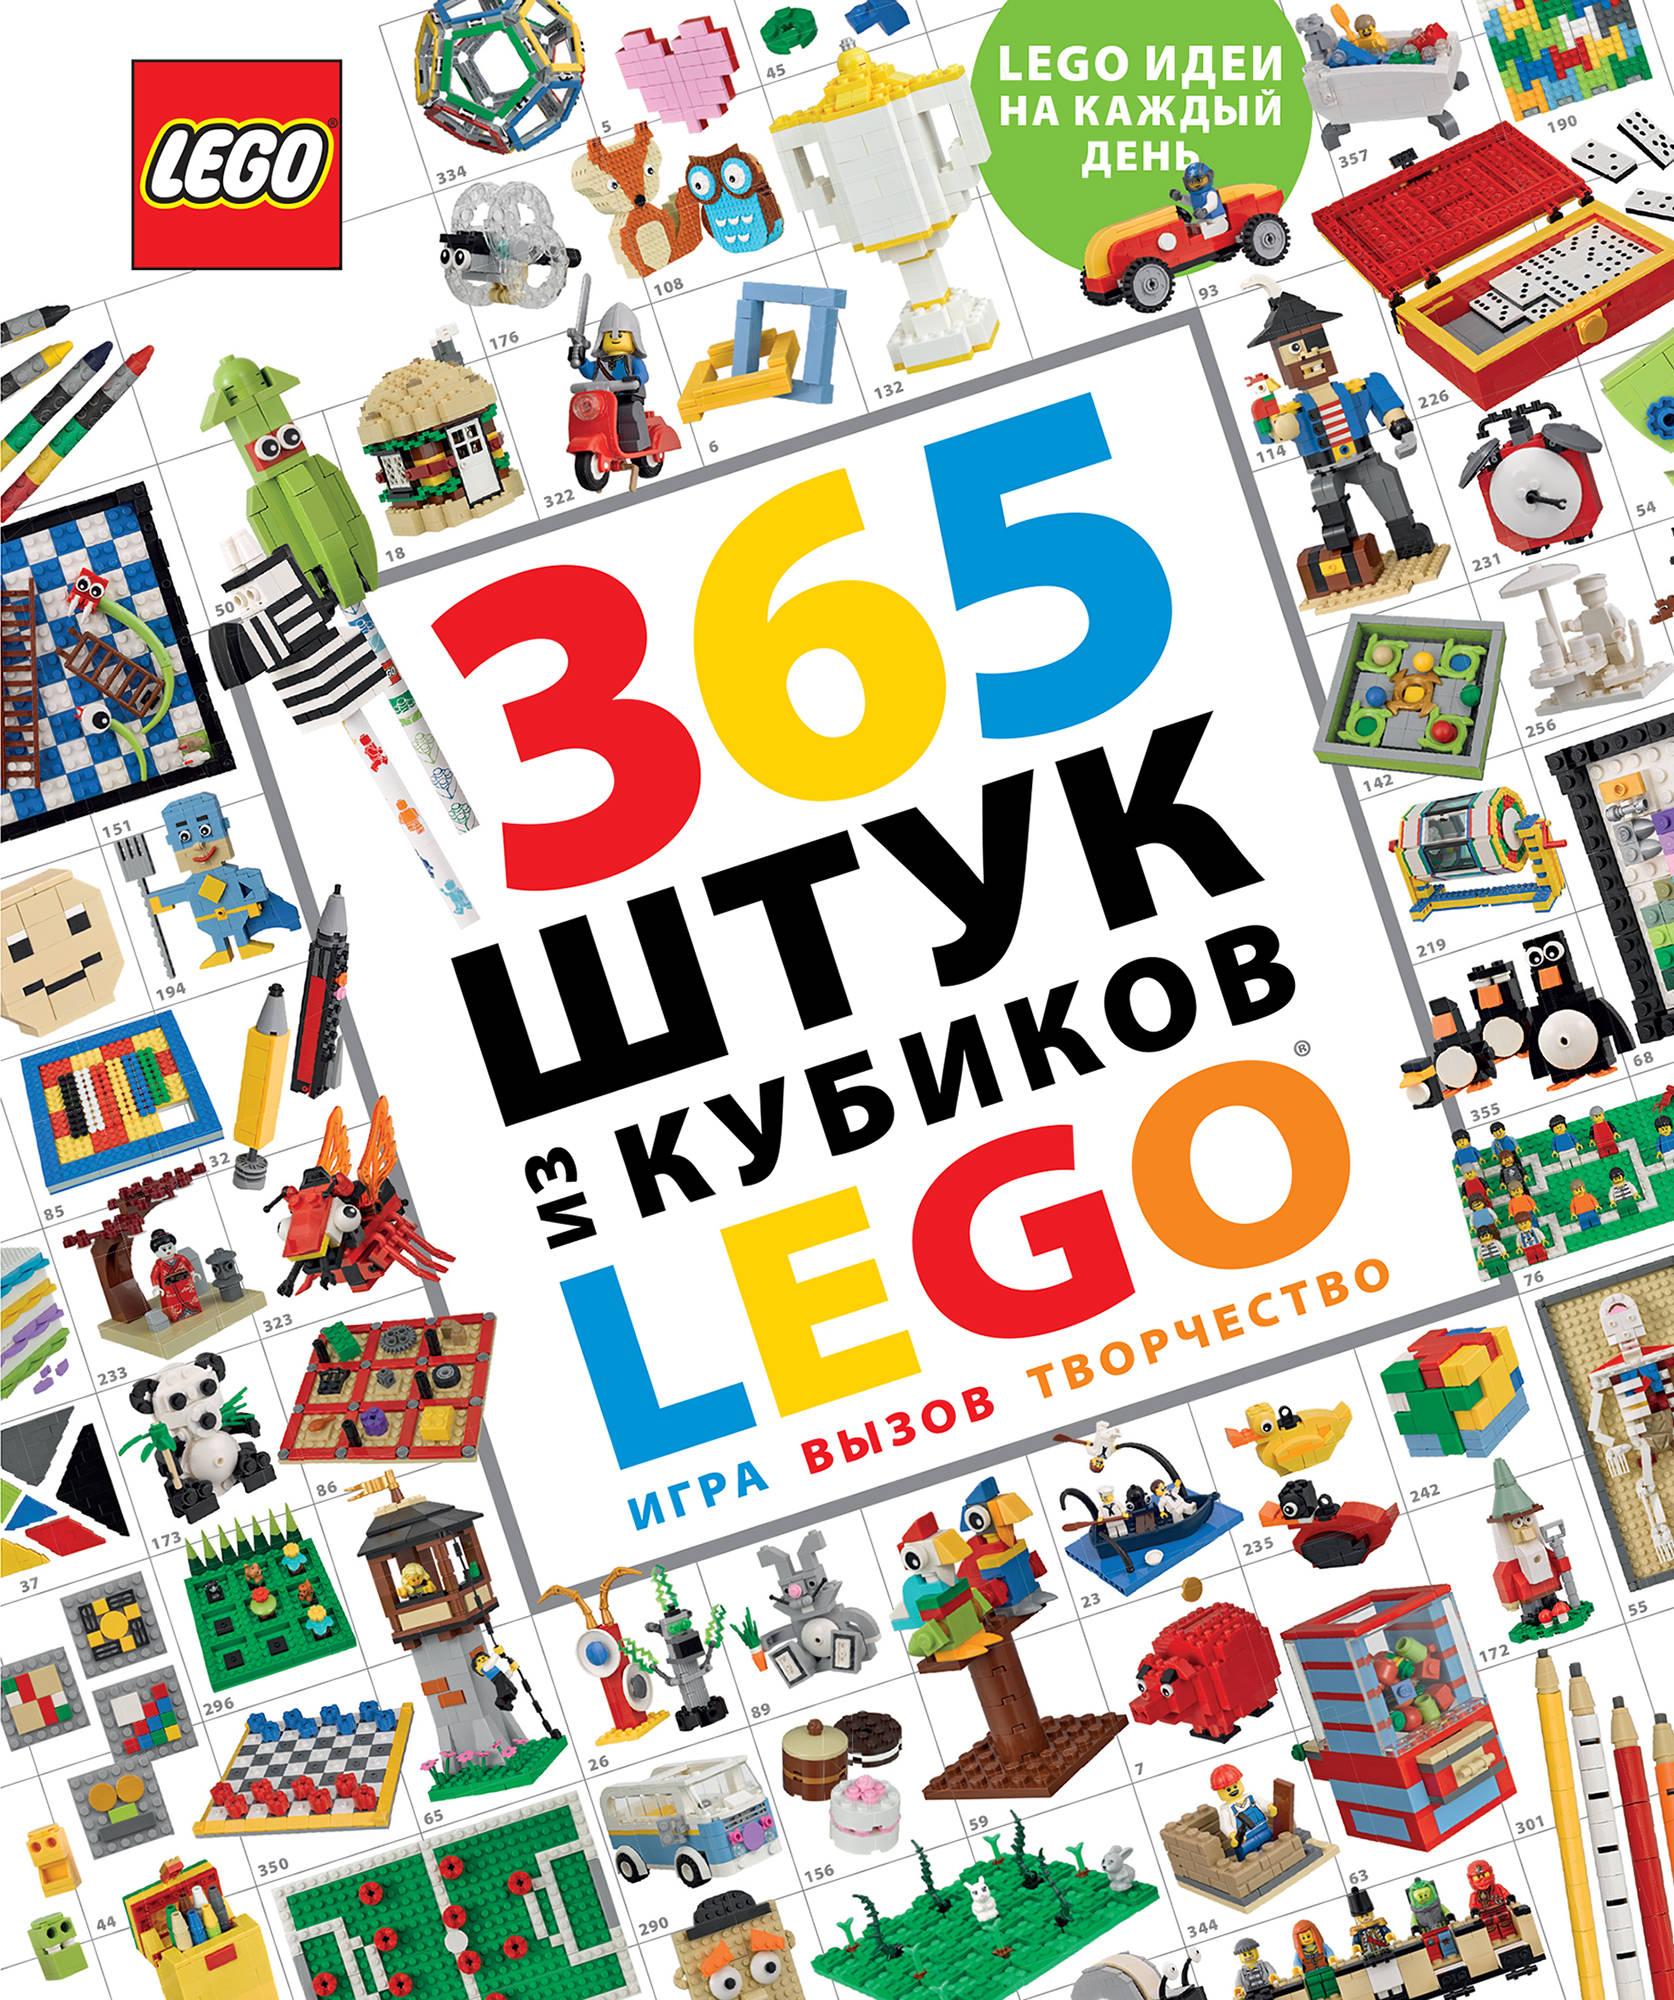 Саймон Хьюго 365 штук из кубиков LEGO святыни россии 365 духовных сокровищ универсальный календарь